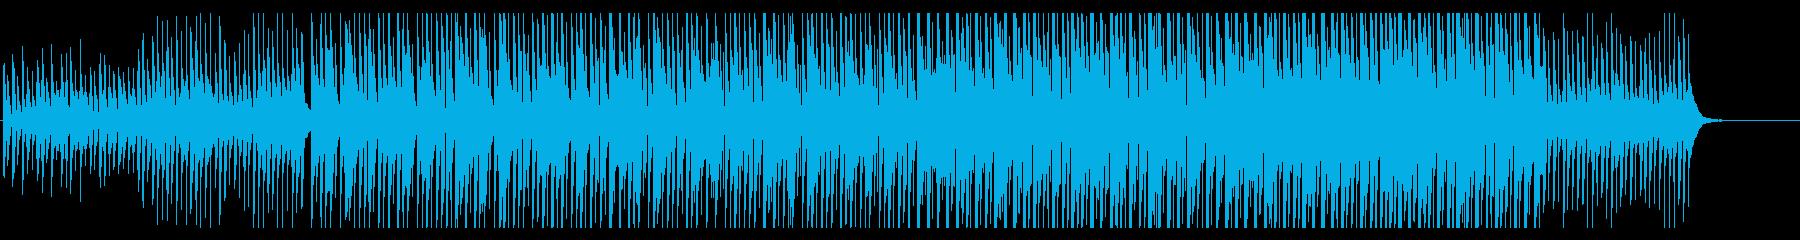 楽しくかわいい映像に やんちゃでほのぼのの再生済みの波形